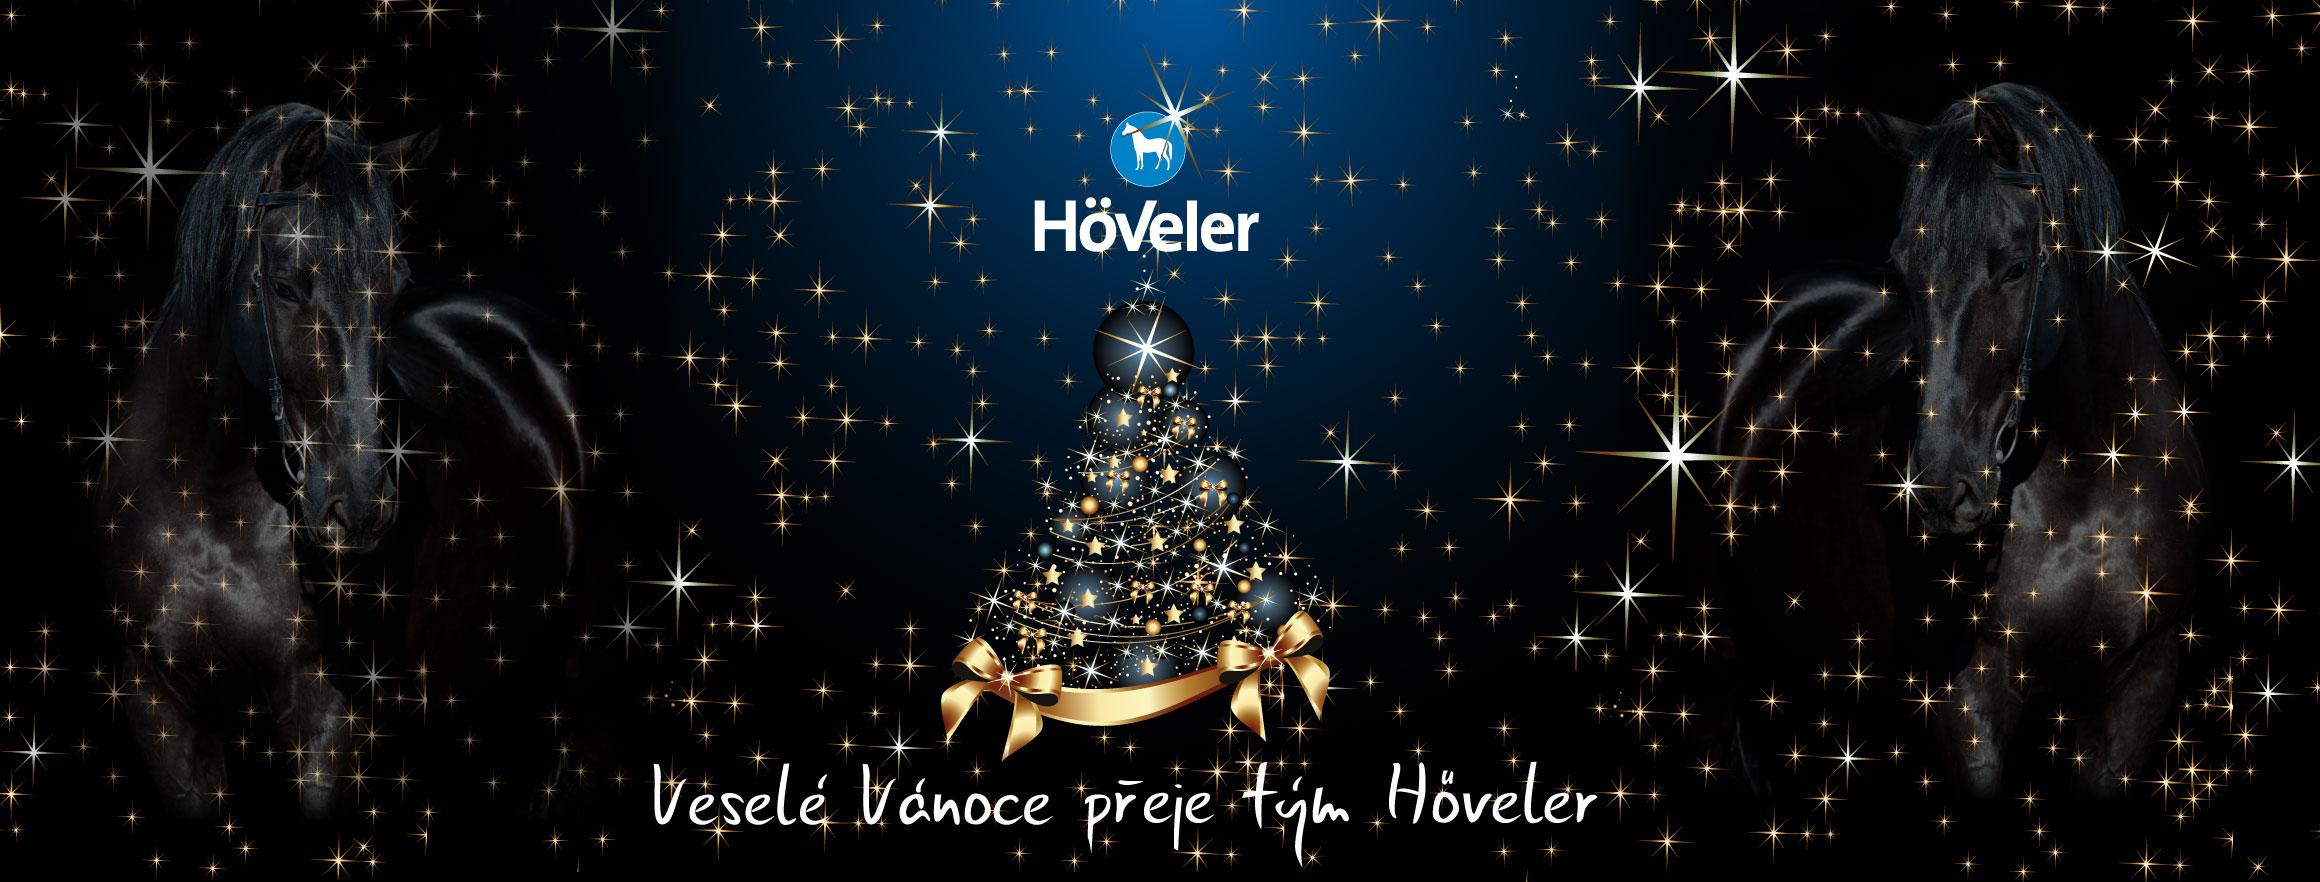 Veselé Vánoce přeje Höveler